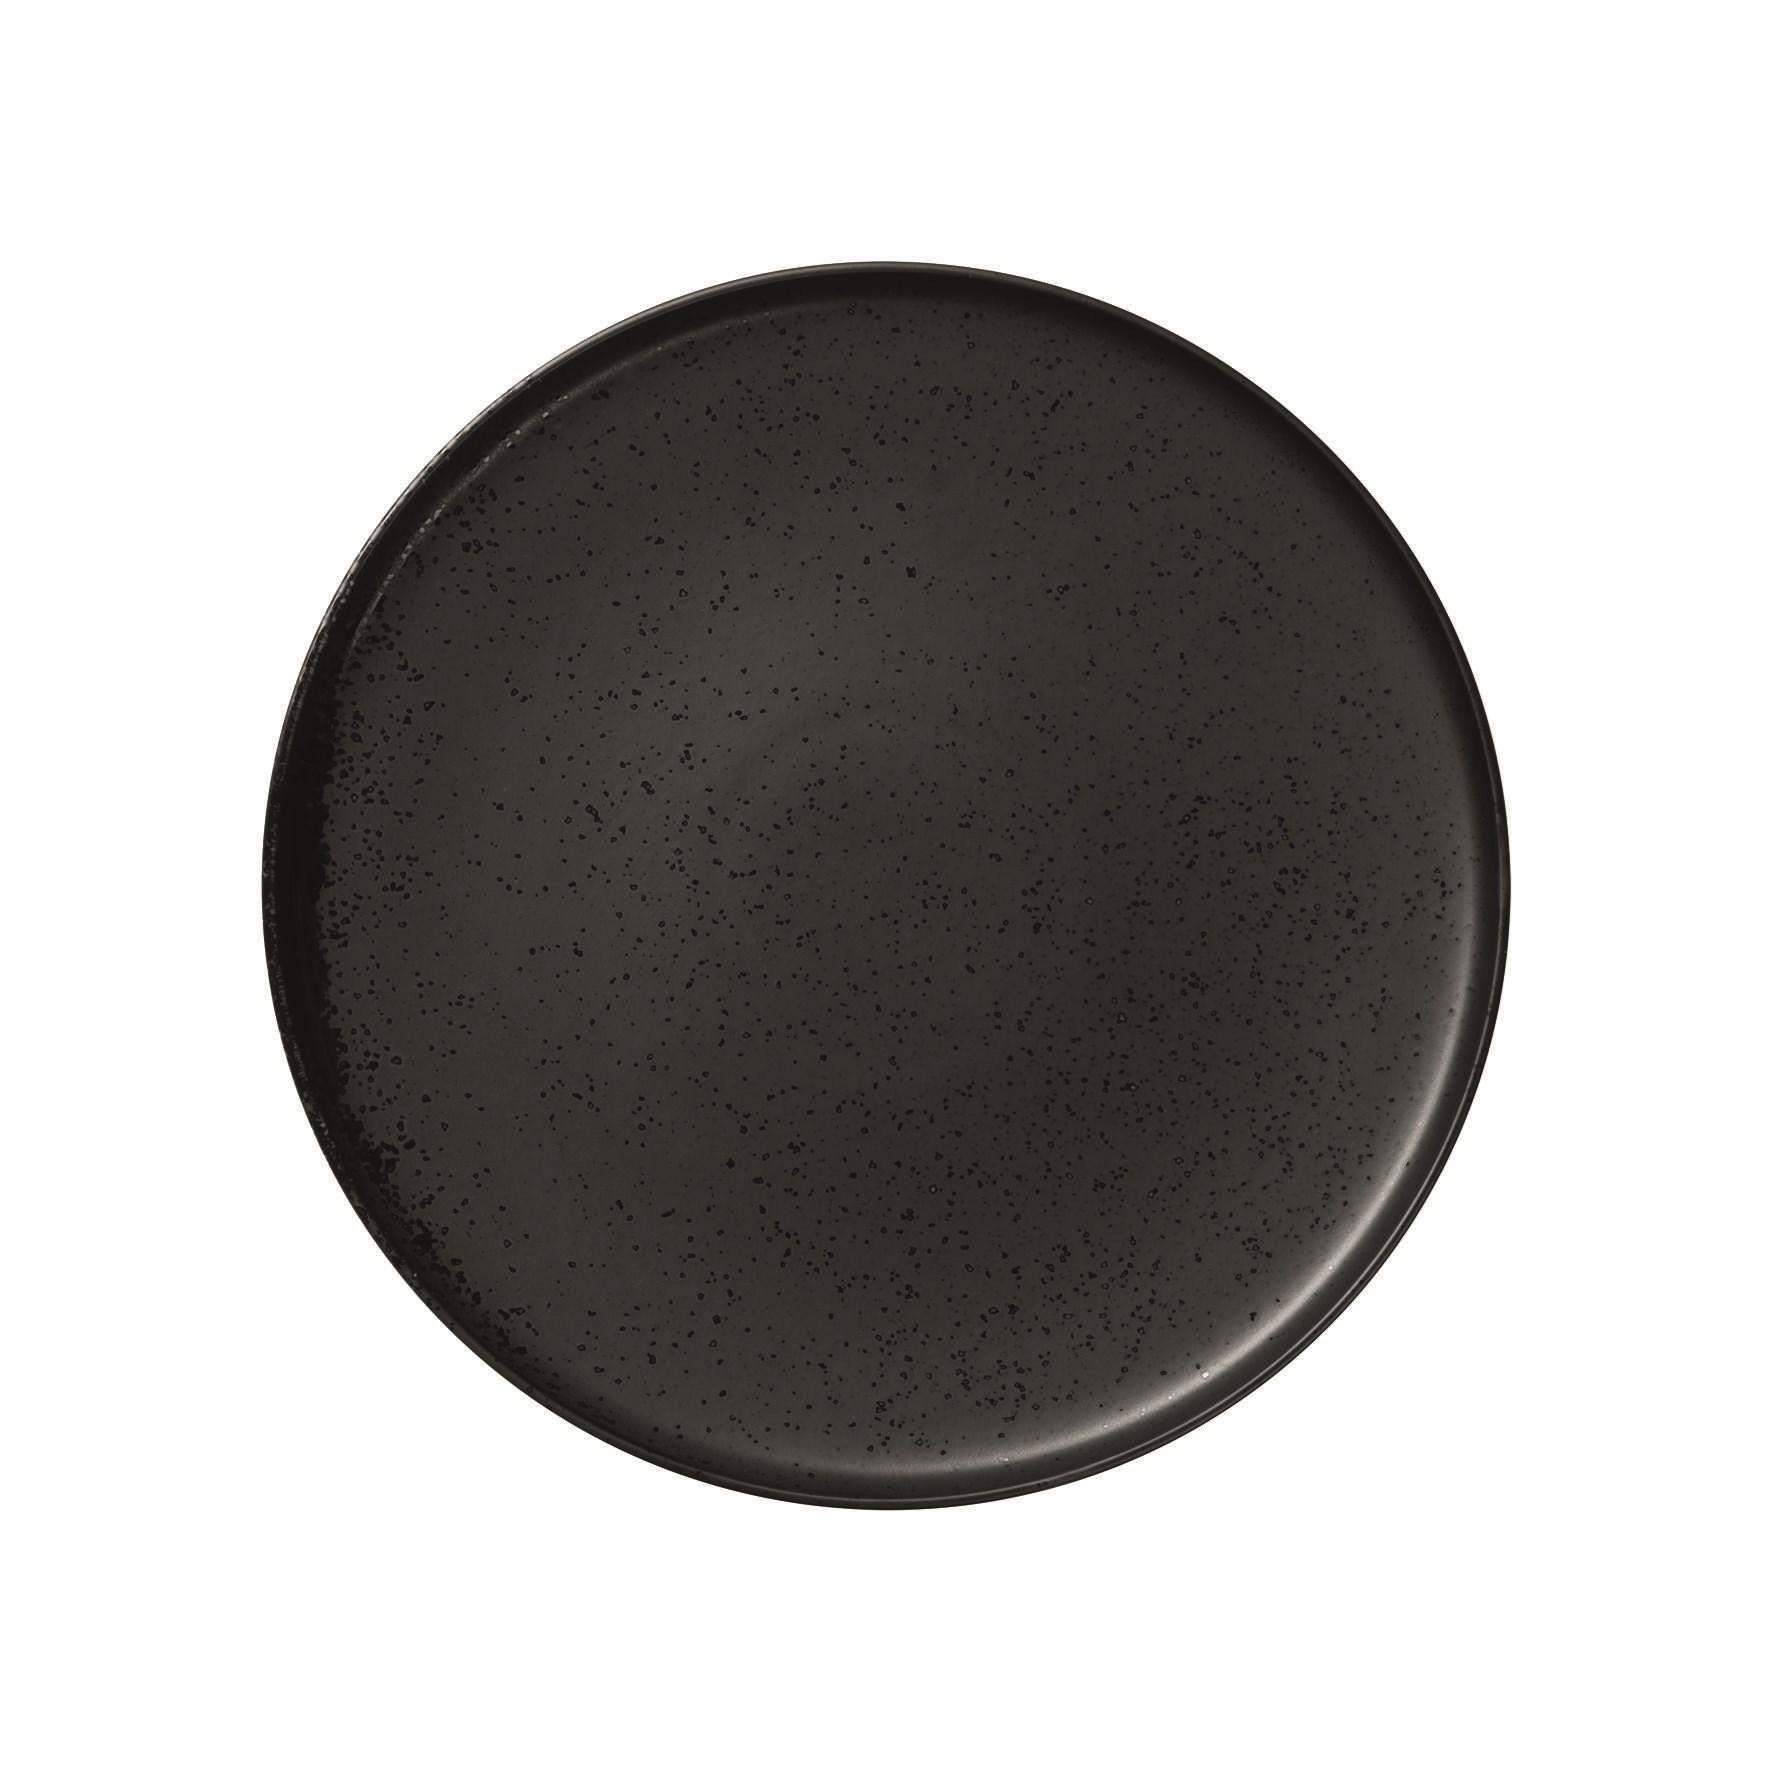 Dezertní talíř COPPA KURO 21 cm_0